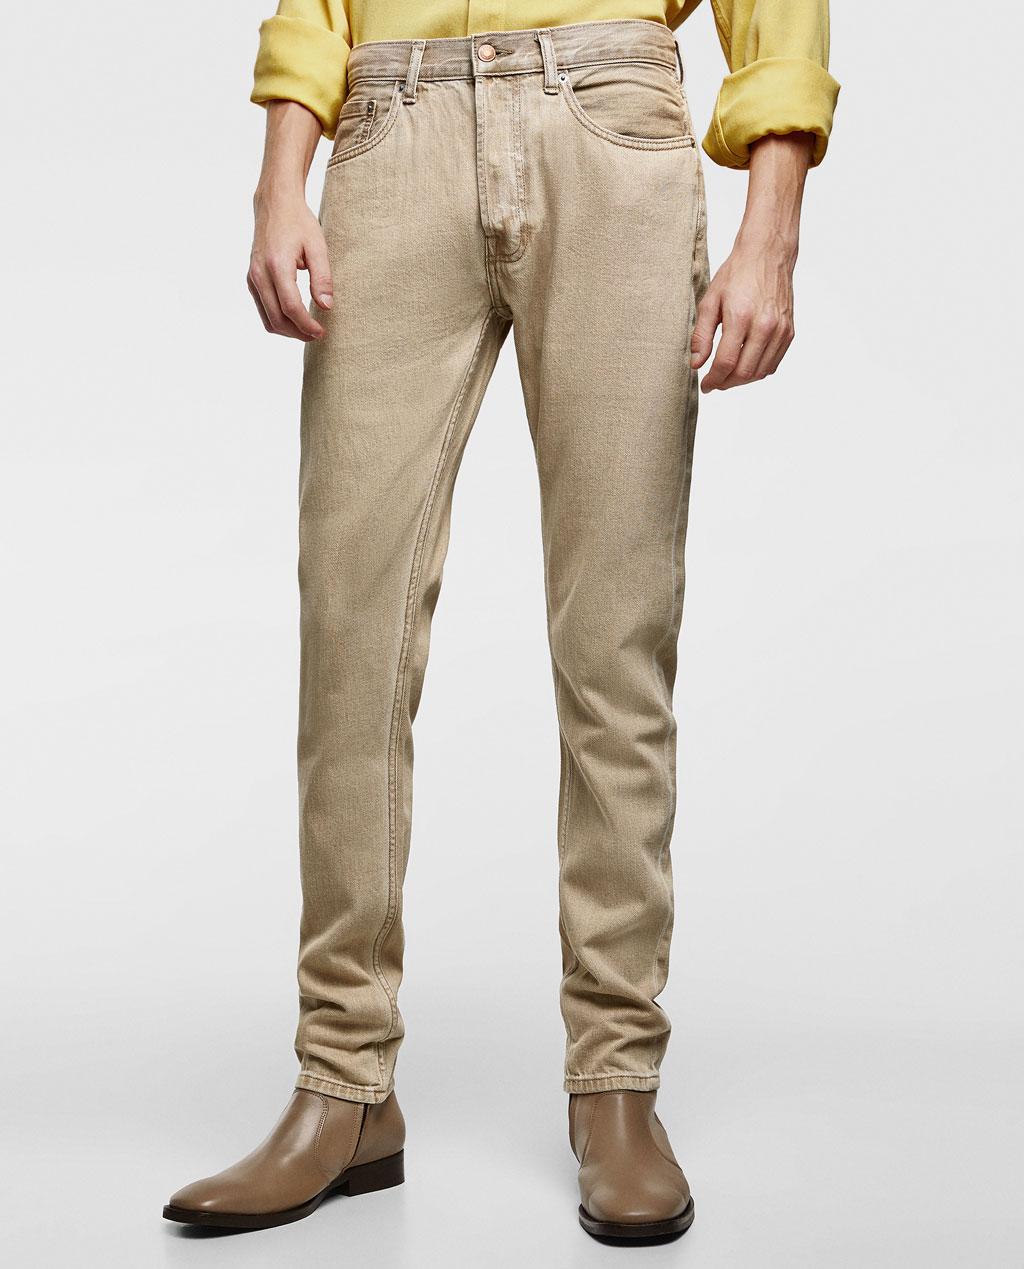 Thời trang nam Zara  23882 - ảnh 4